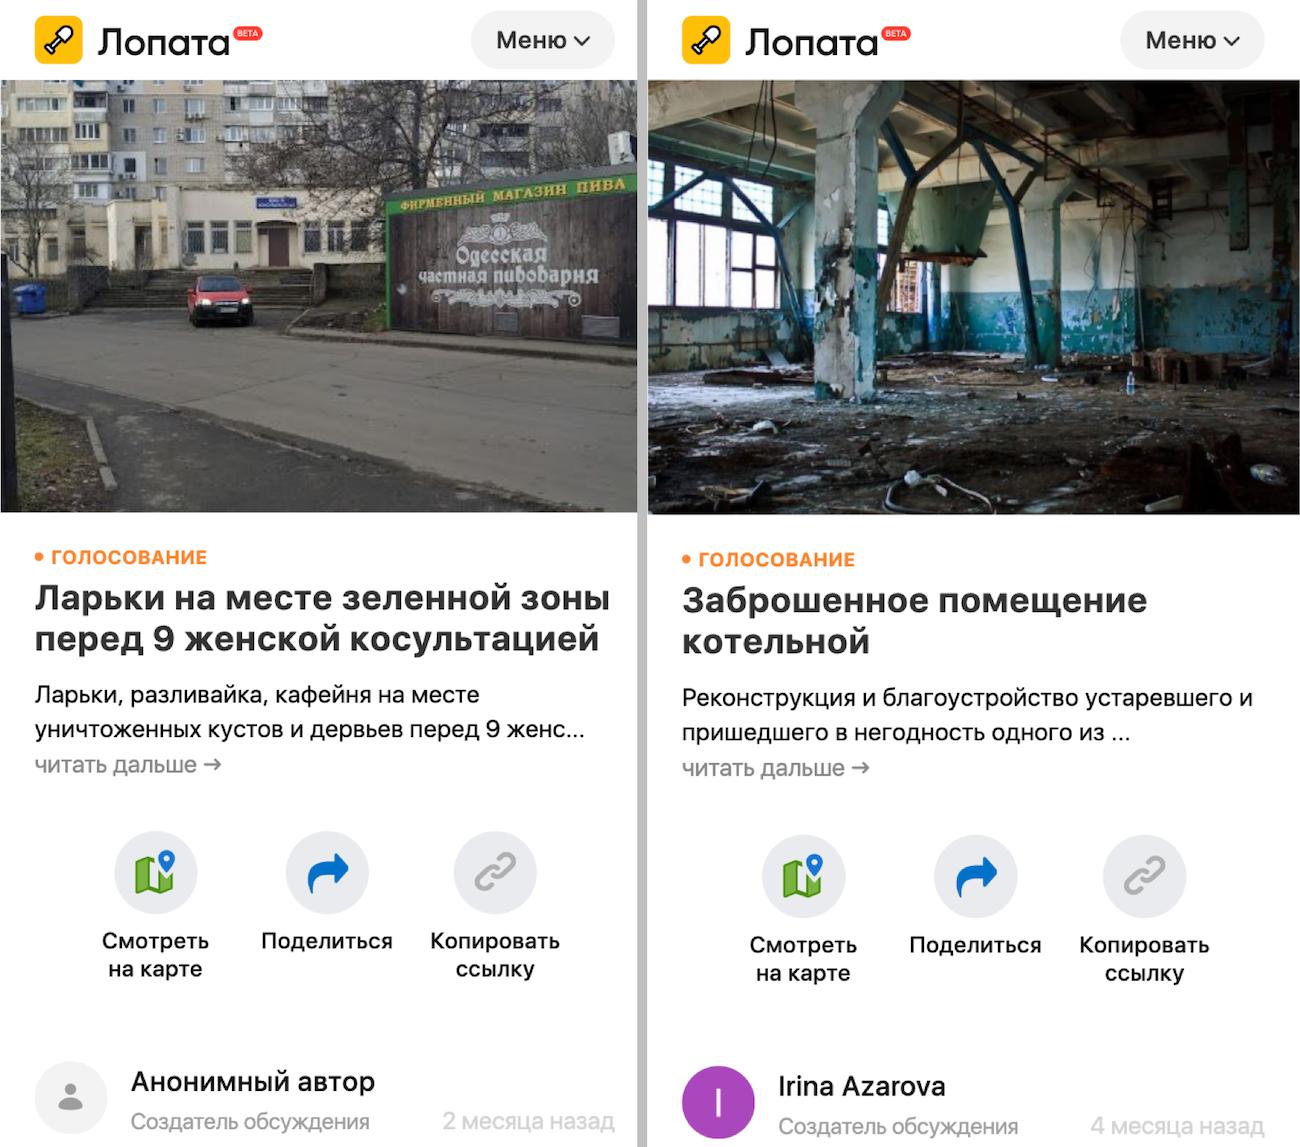 Примеры проблем от жителей Одессы